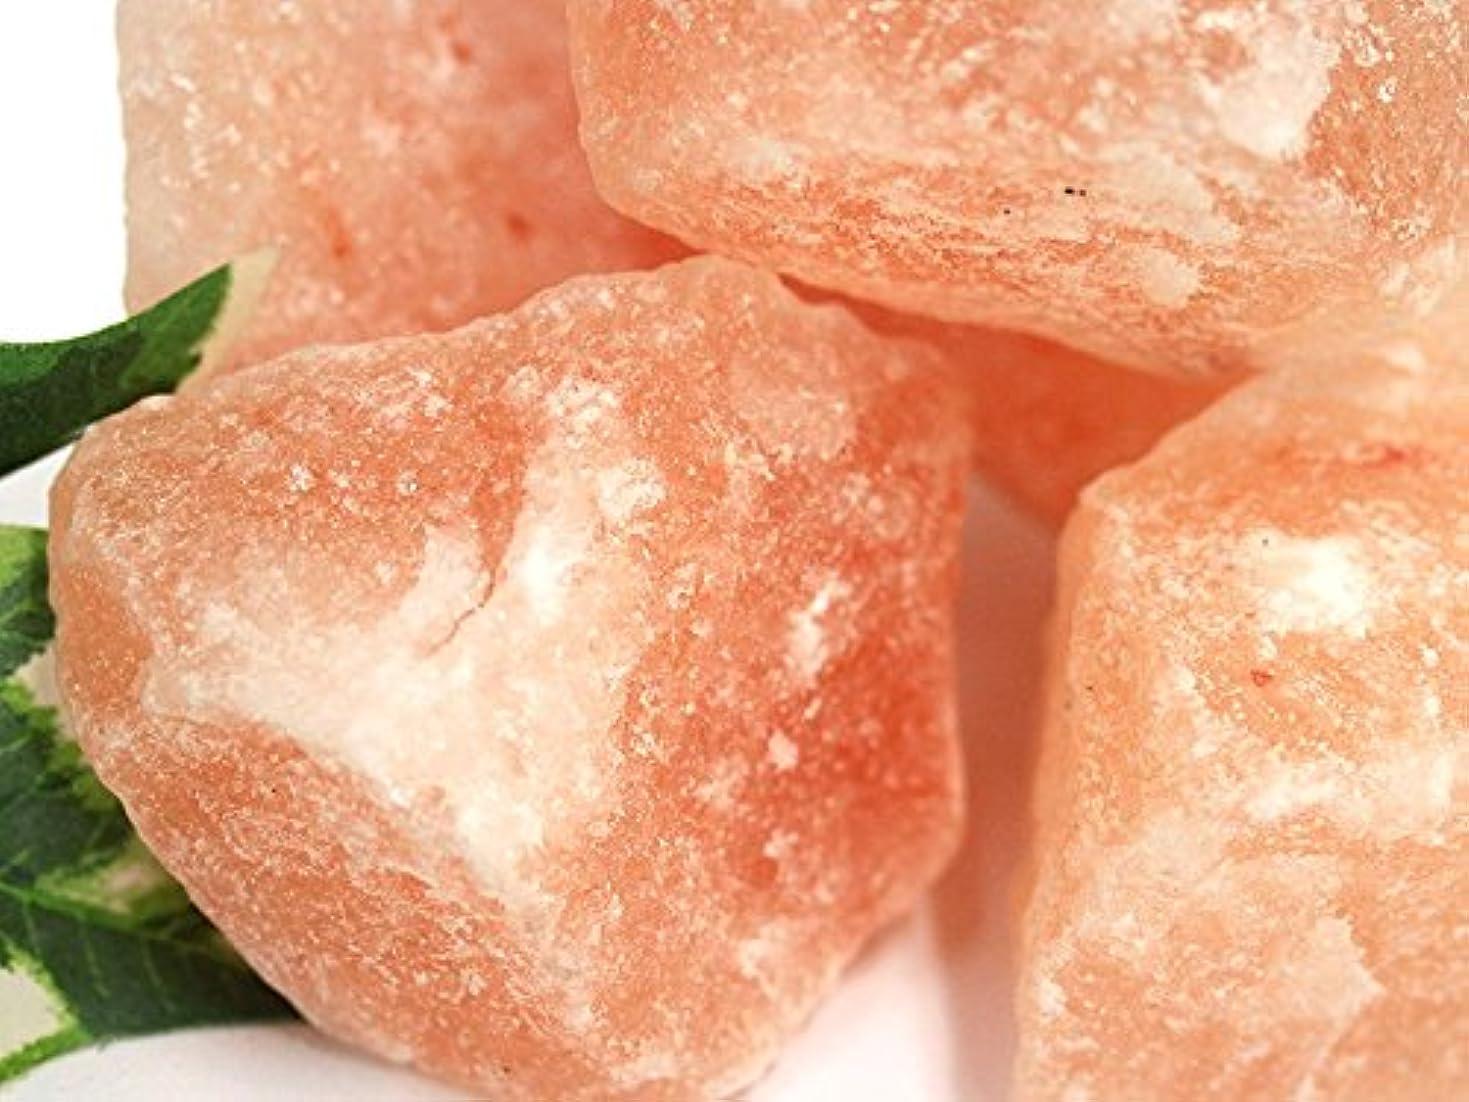 科学スコアジム【天然石の島田商事】ヒマラヤ産天然ピンク岩塩(pink salt)ラフ原石 約41~70g 1個/ac-02454